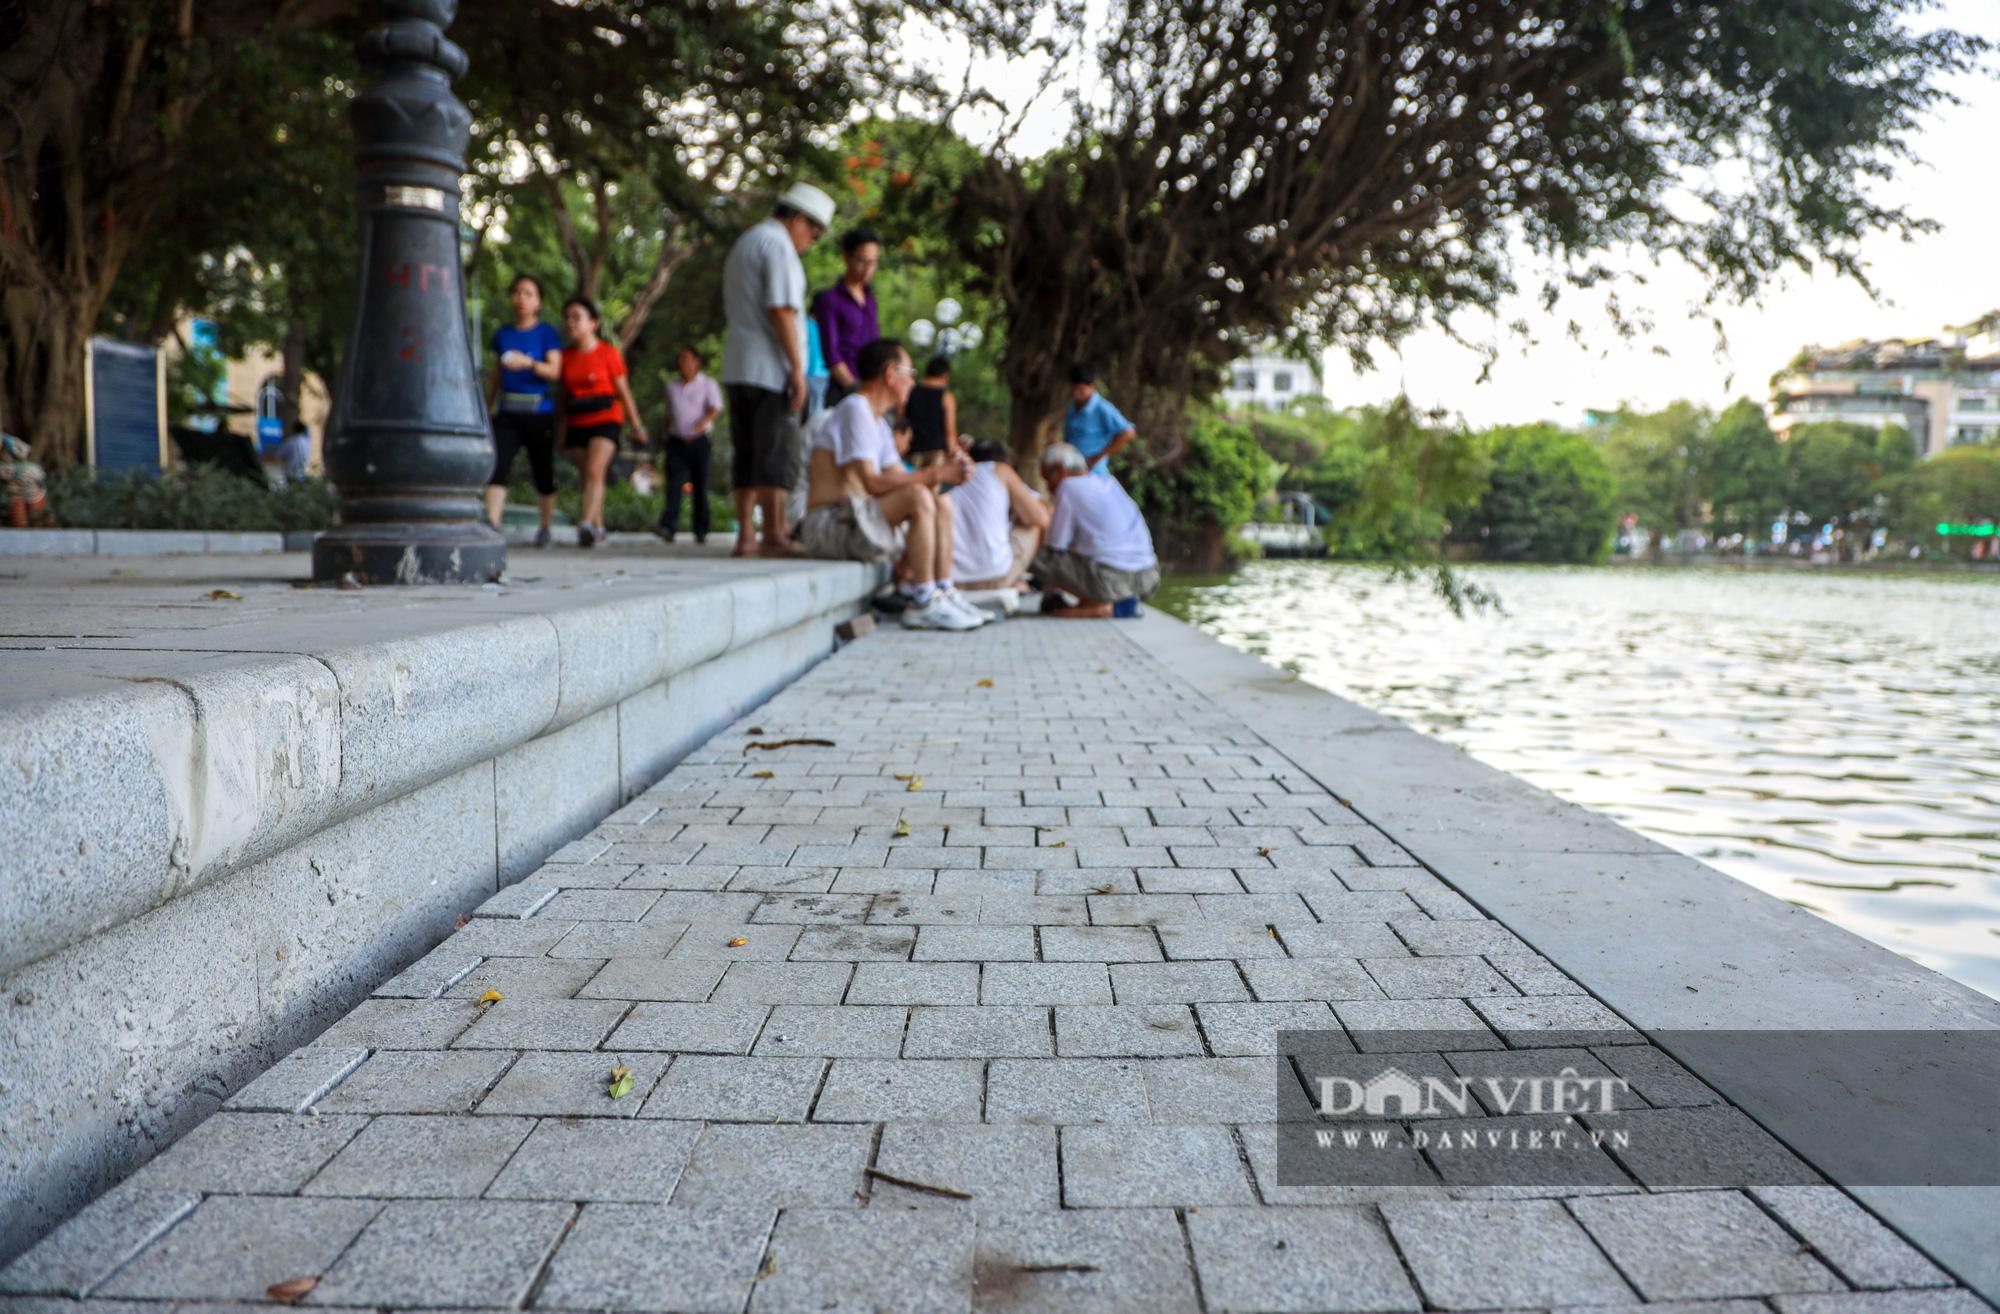 Nhìn lại 10 dự án tiêu biểu do ông Nguyễn Đức Chung - Chủ tịch TP Hà Nội chỉ đạo - Ảnh 13.